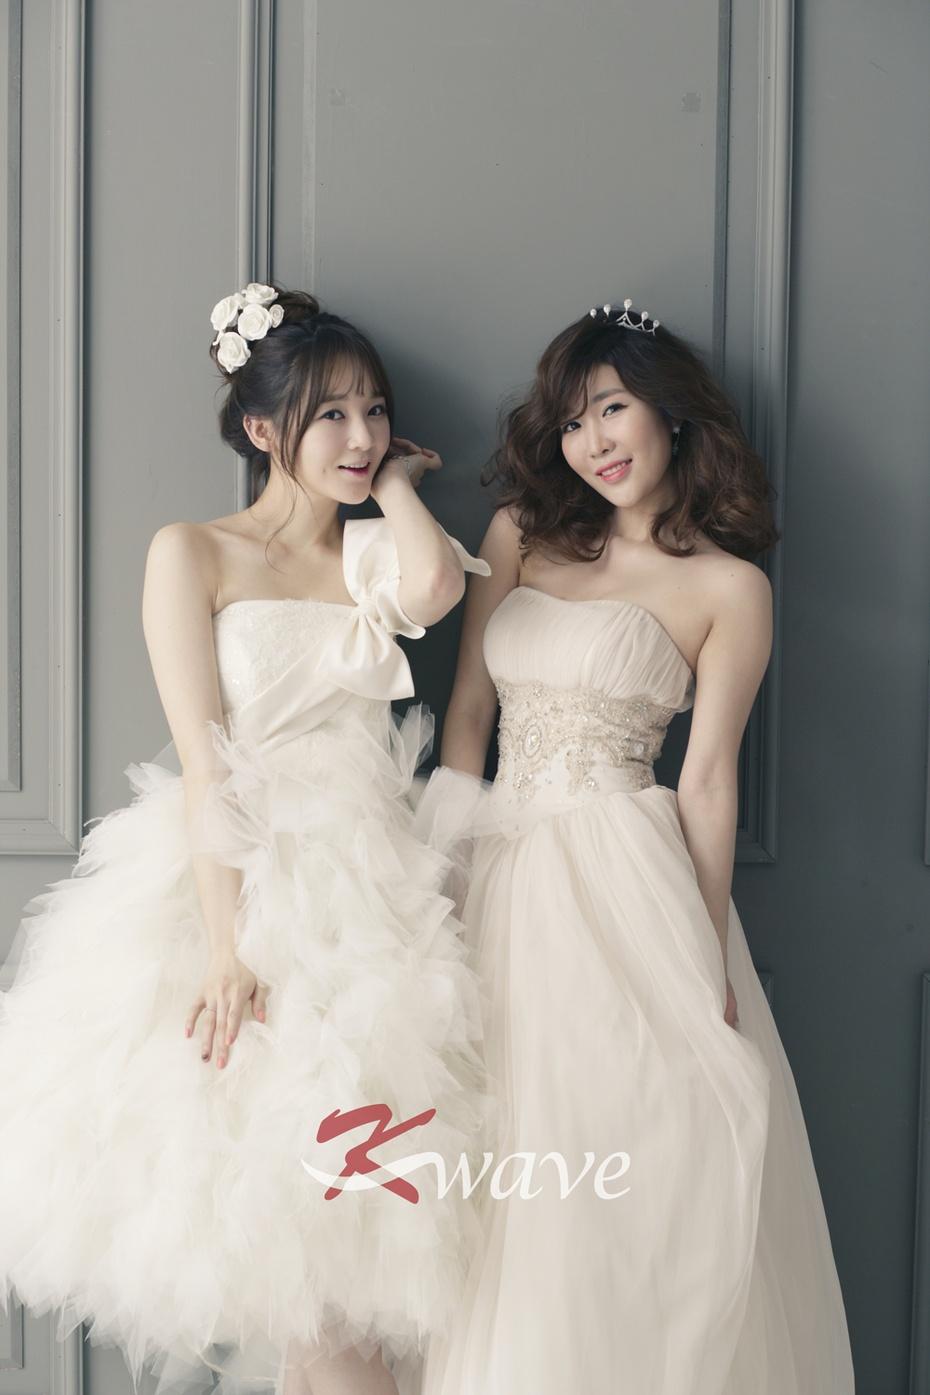 韩国明星婚纱照 - davichi的婚纱照